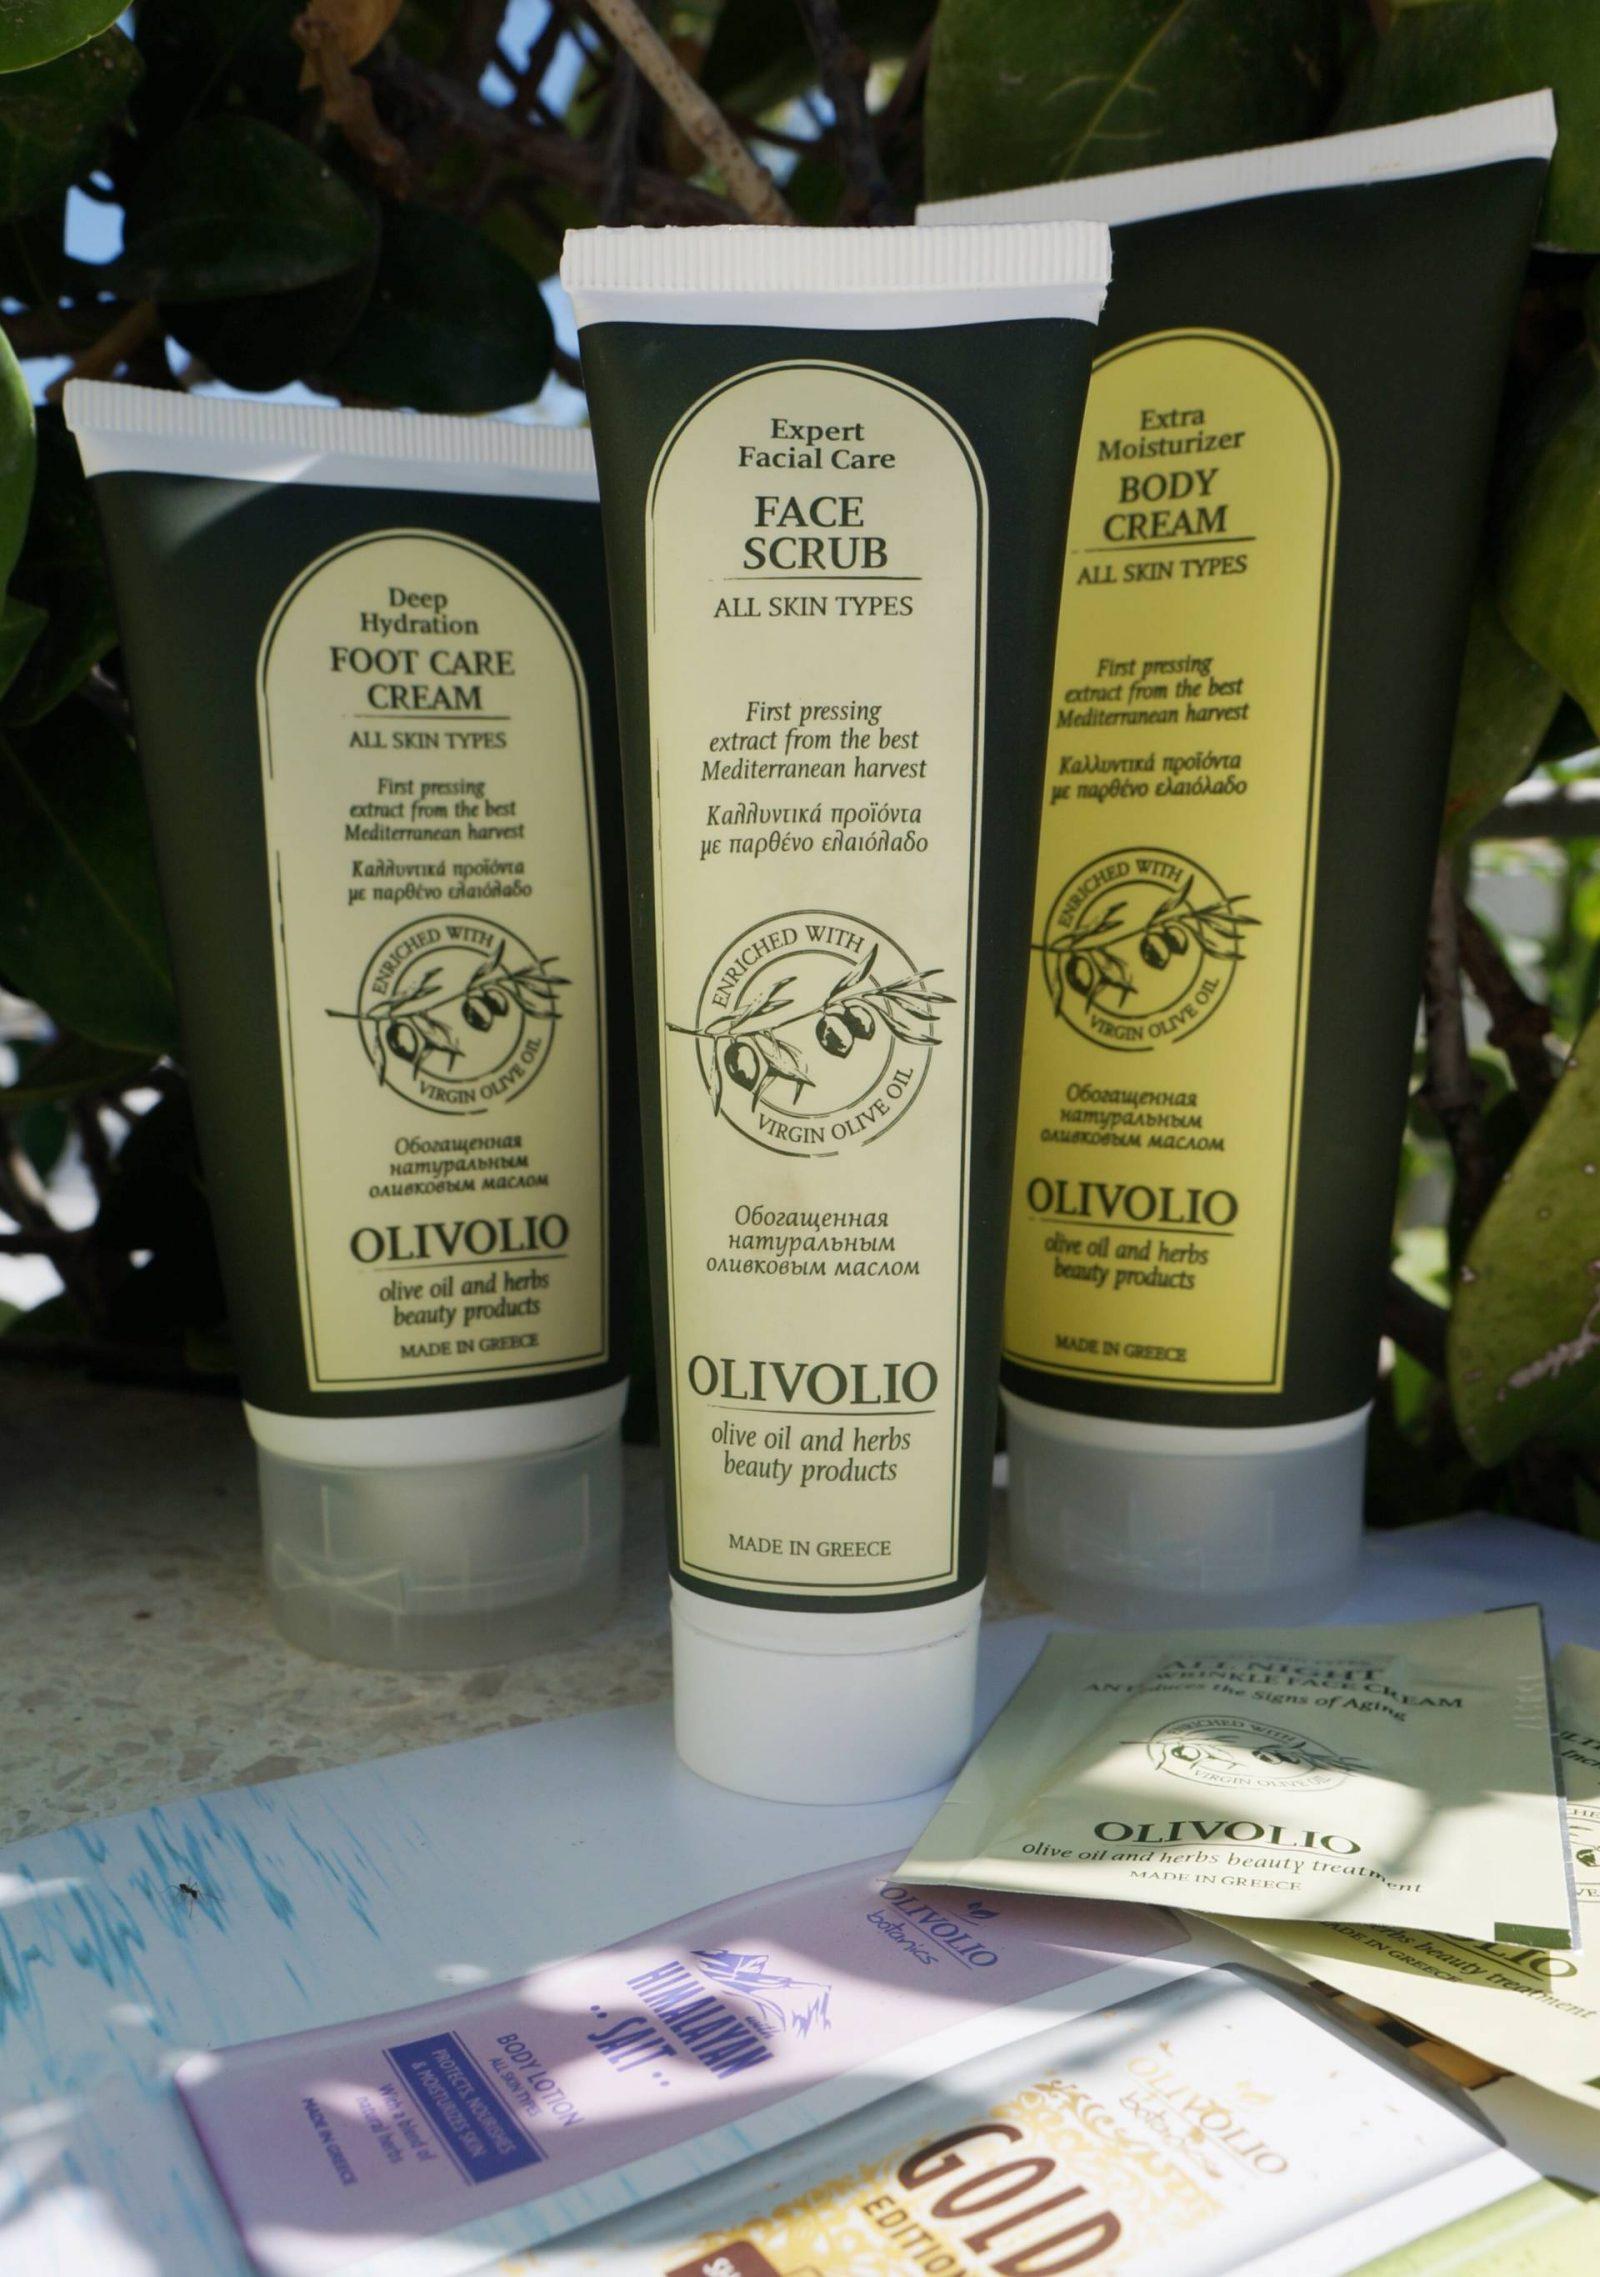 Olivolio classic skincare